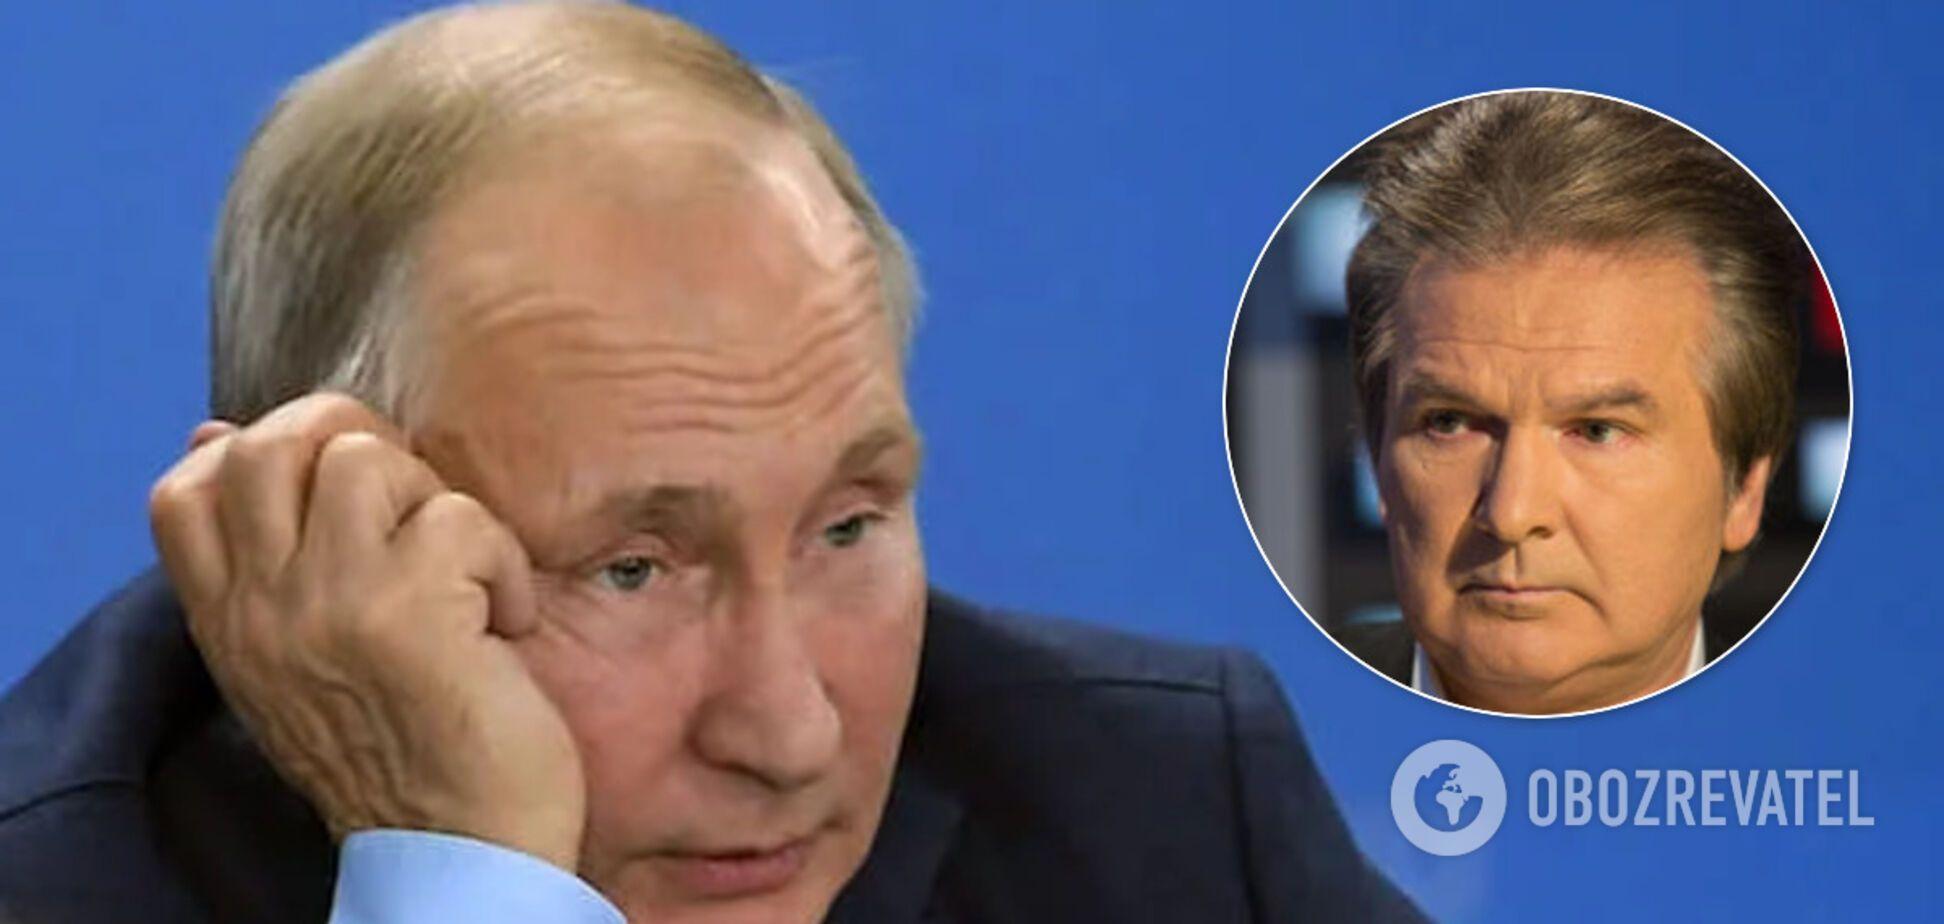 Сокурсник Путина развенчал ядерную мощь России